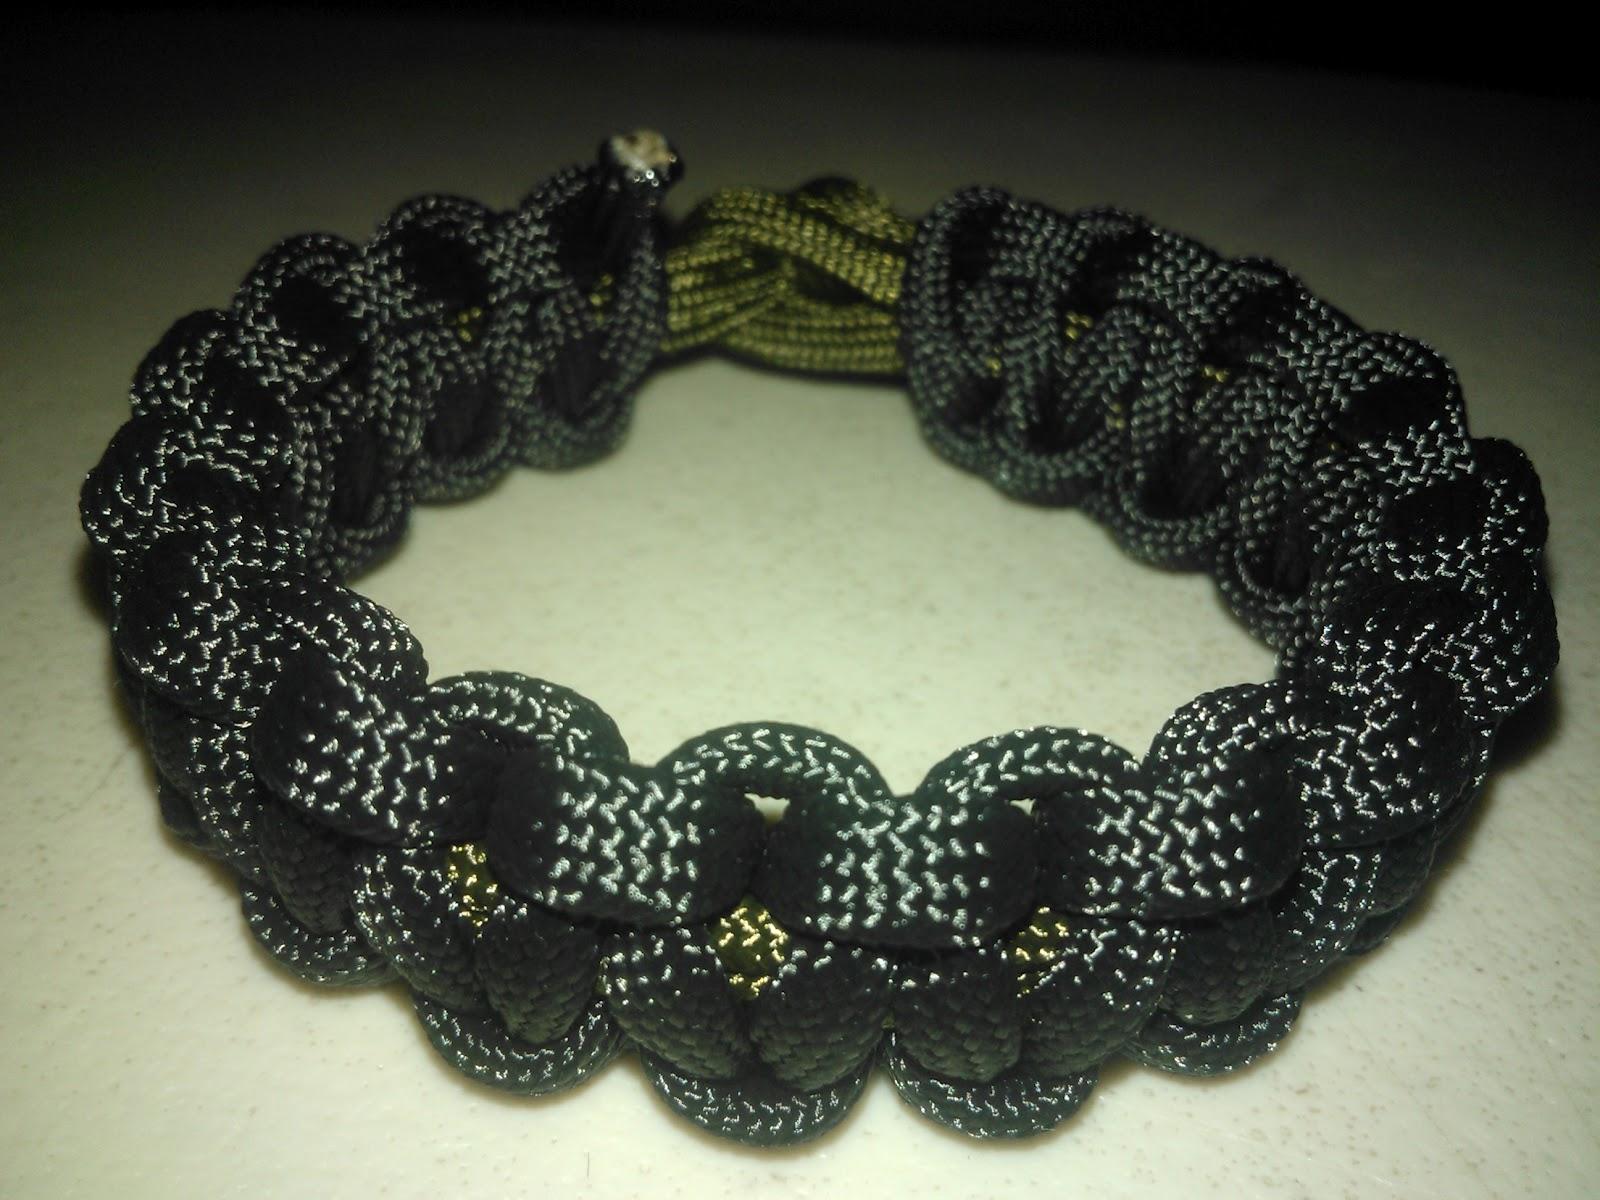 Para Bracelets Black Paracord Bracelet And Od Green Knot